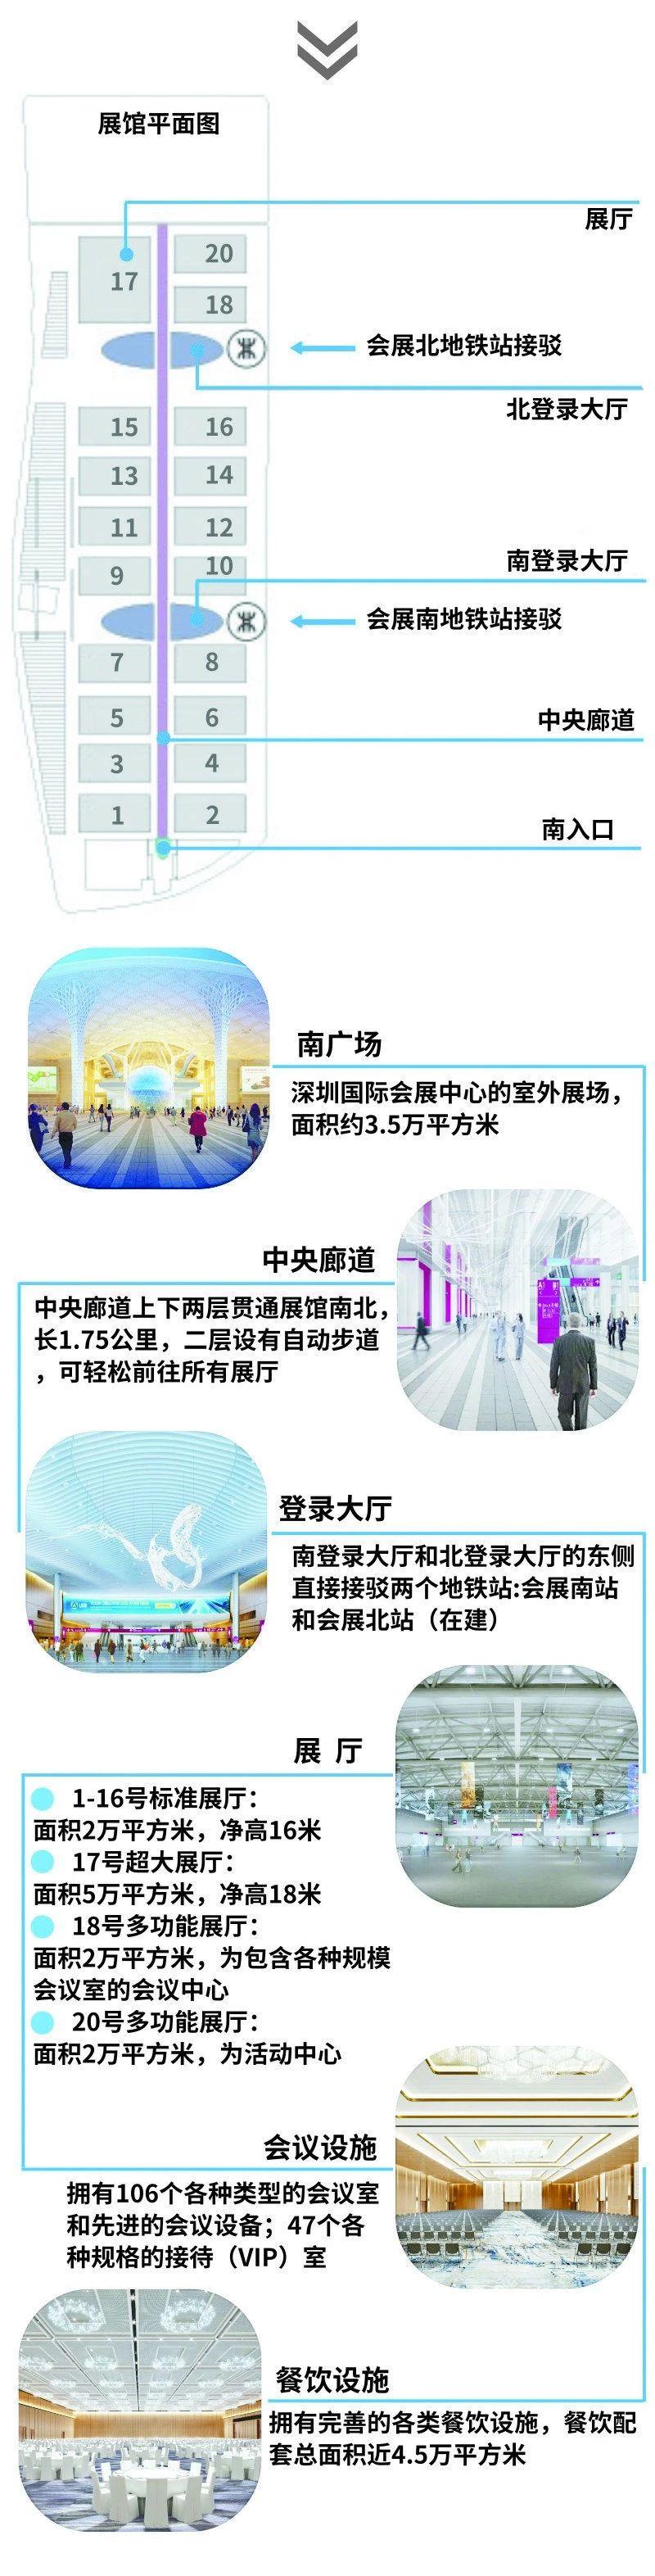 国际会展中心平面图.jpg